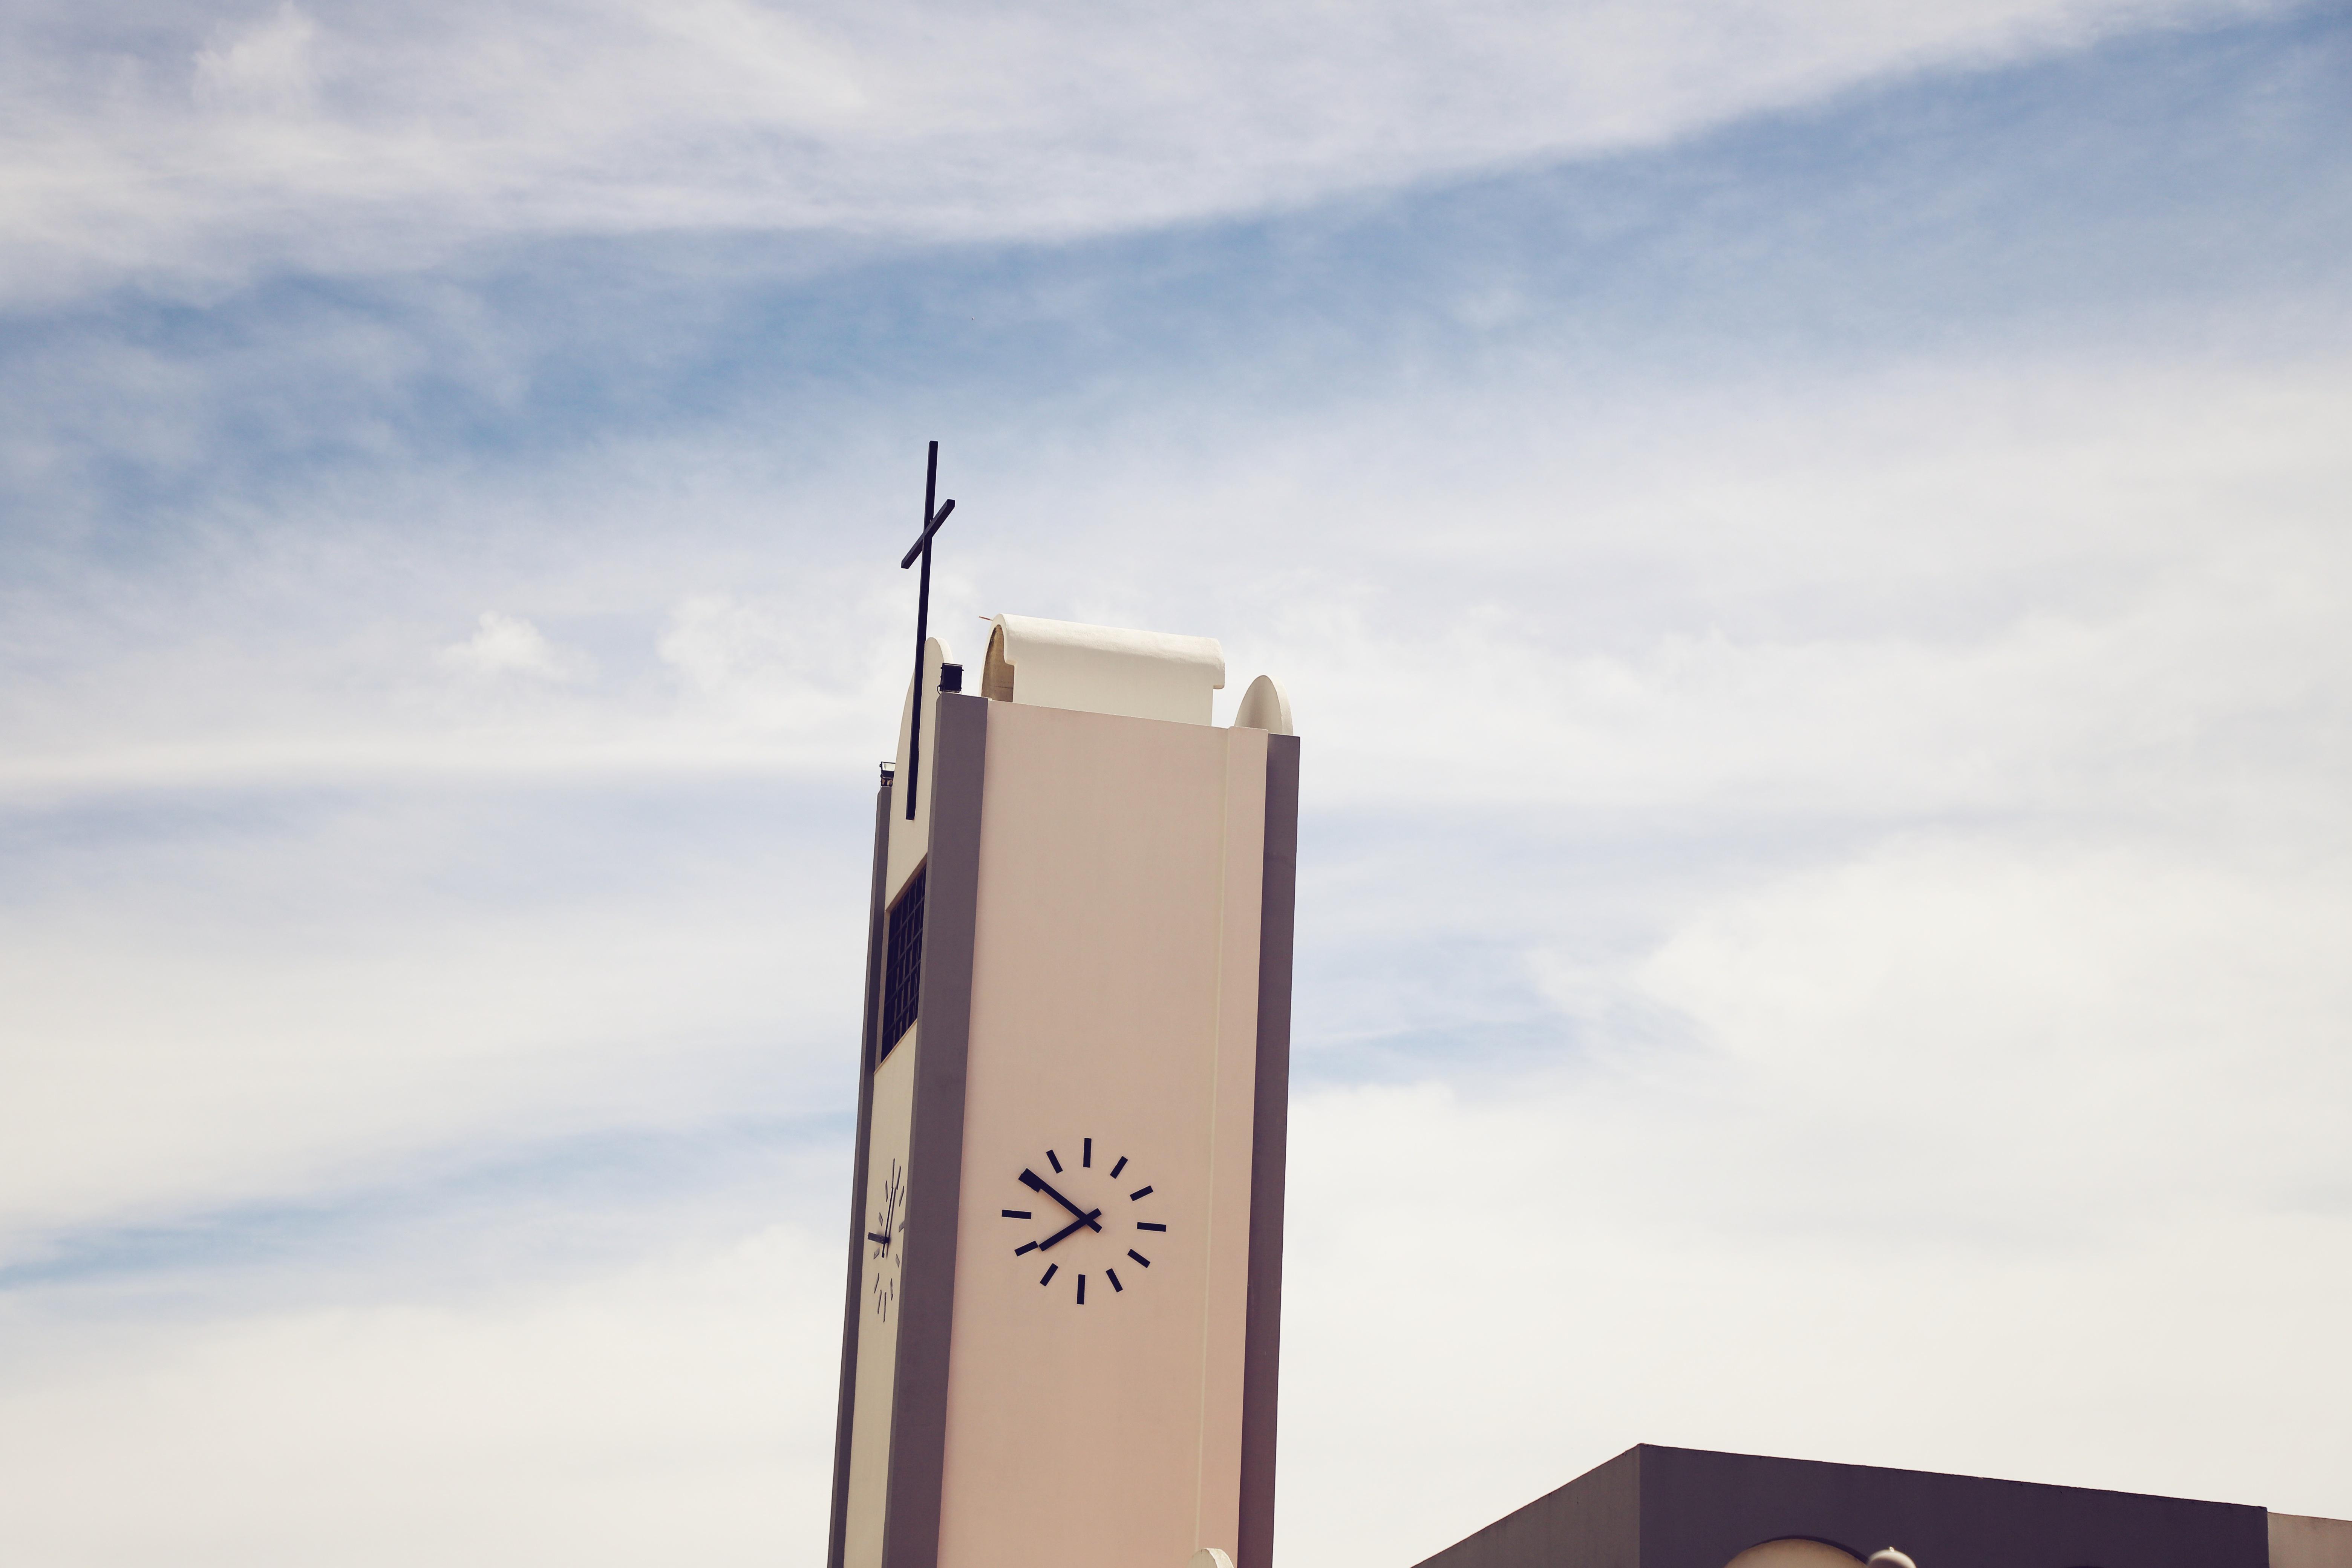 Igreja de massama